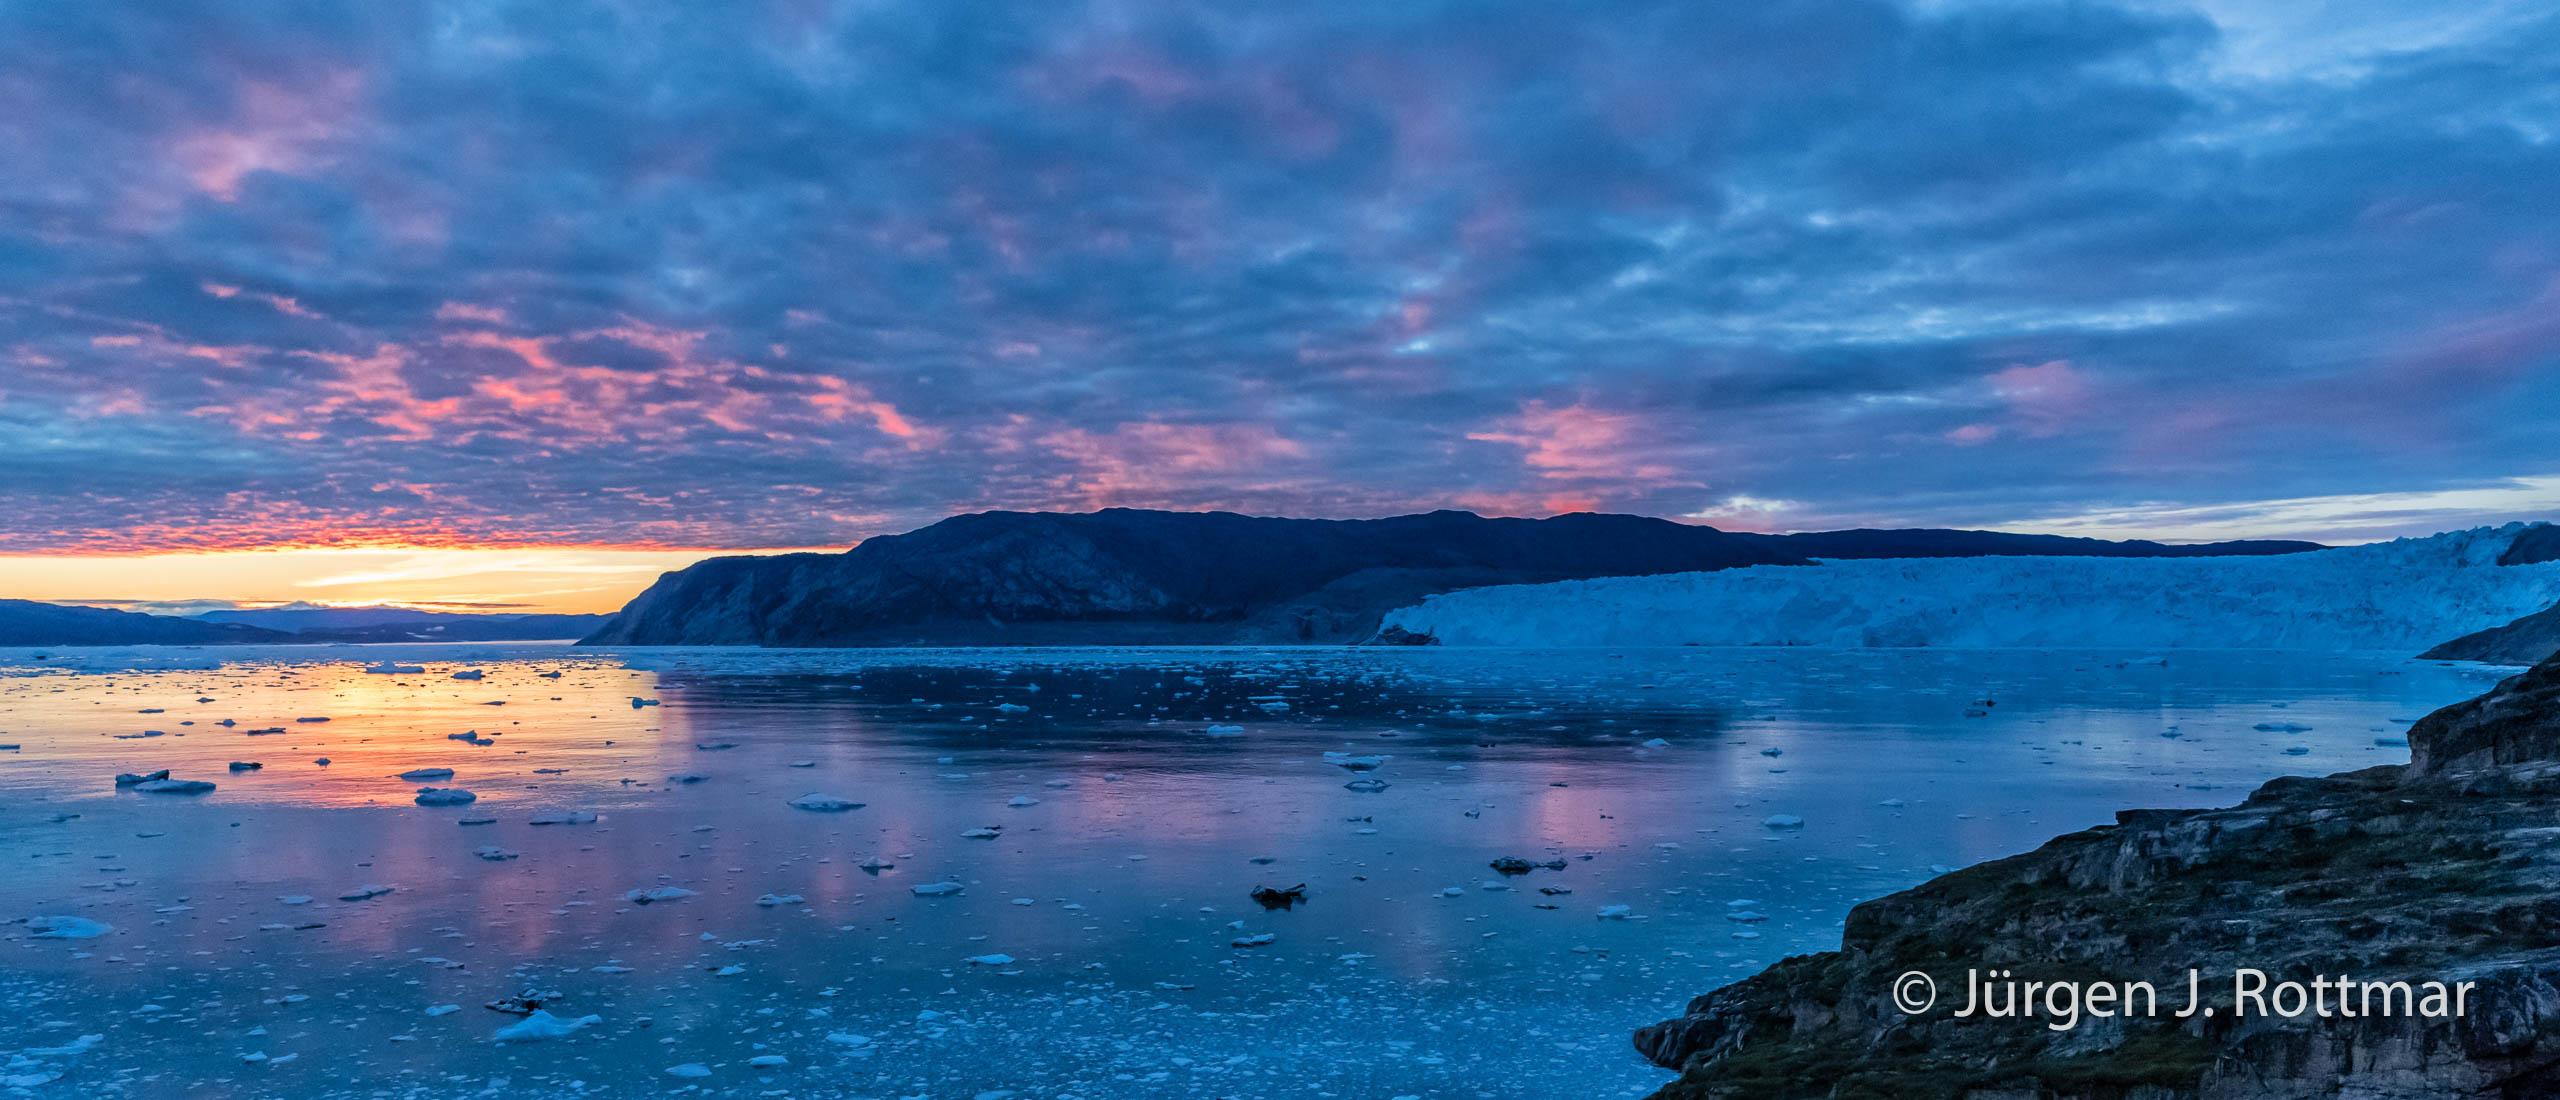 Juergen-J-Rottmar-Groenland-8_2018_MG_7956-Bearbeitet